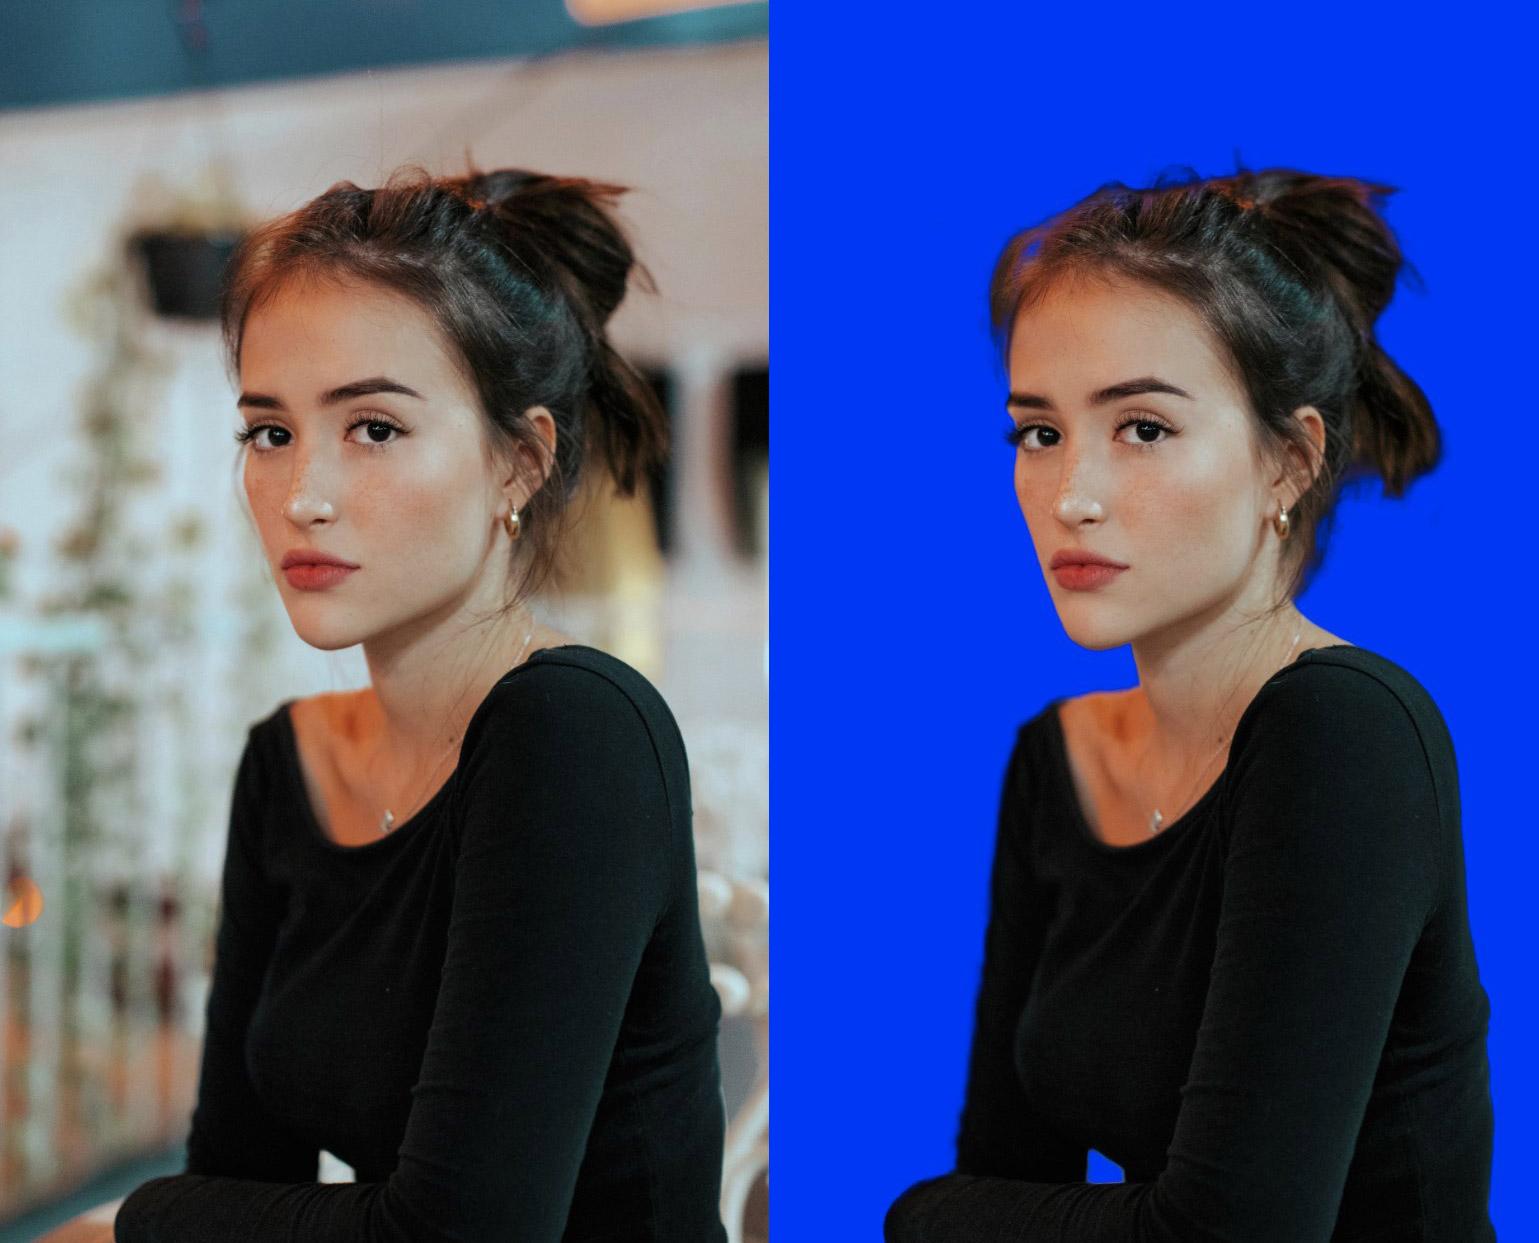 Porträt einer Frau, Original und Freistellung, Freistellen mittels Affinity Photo